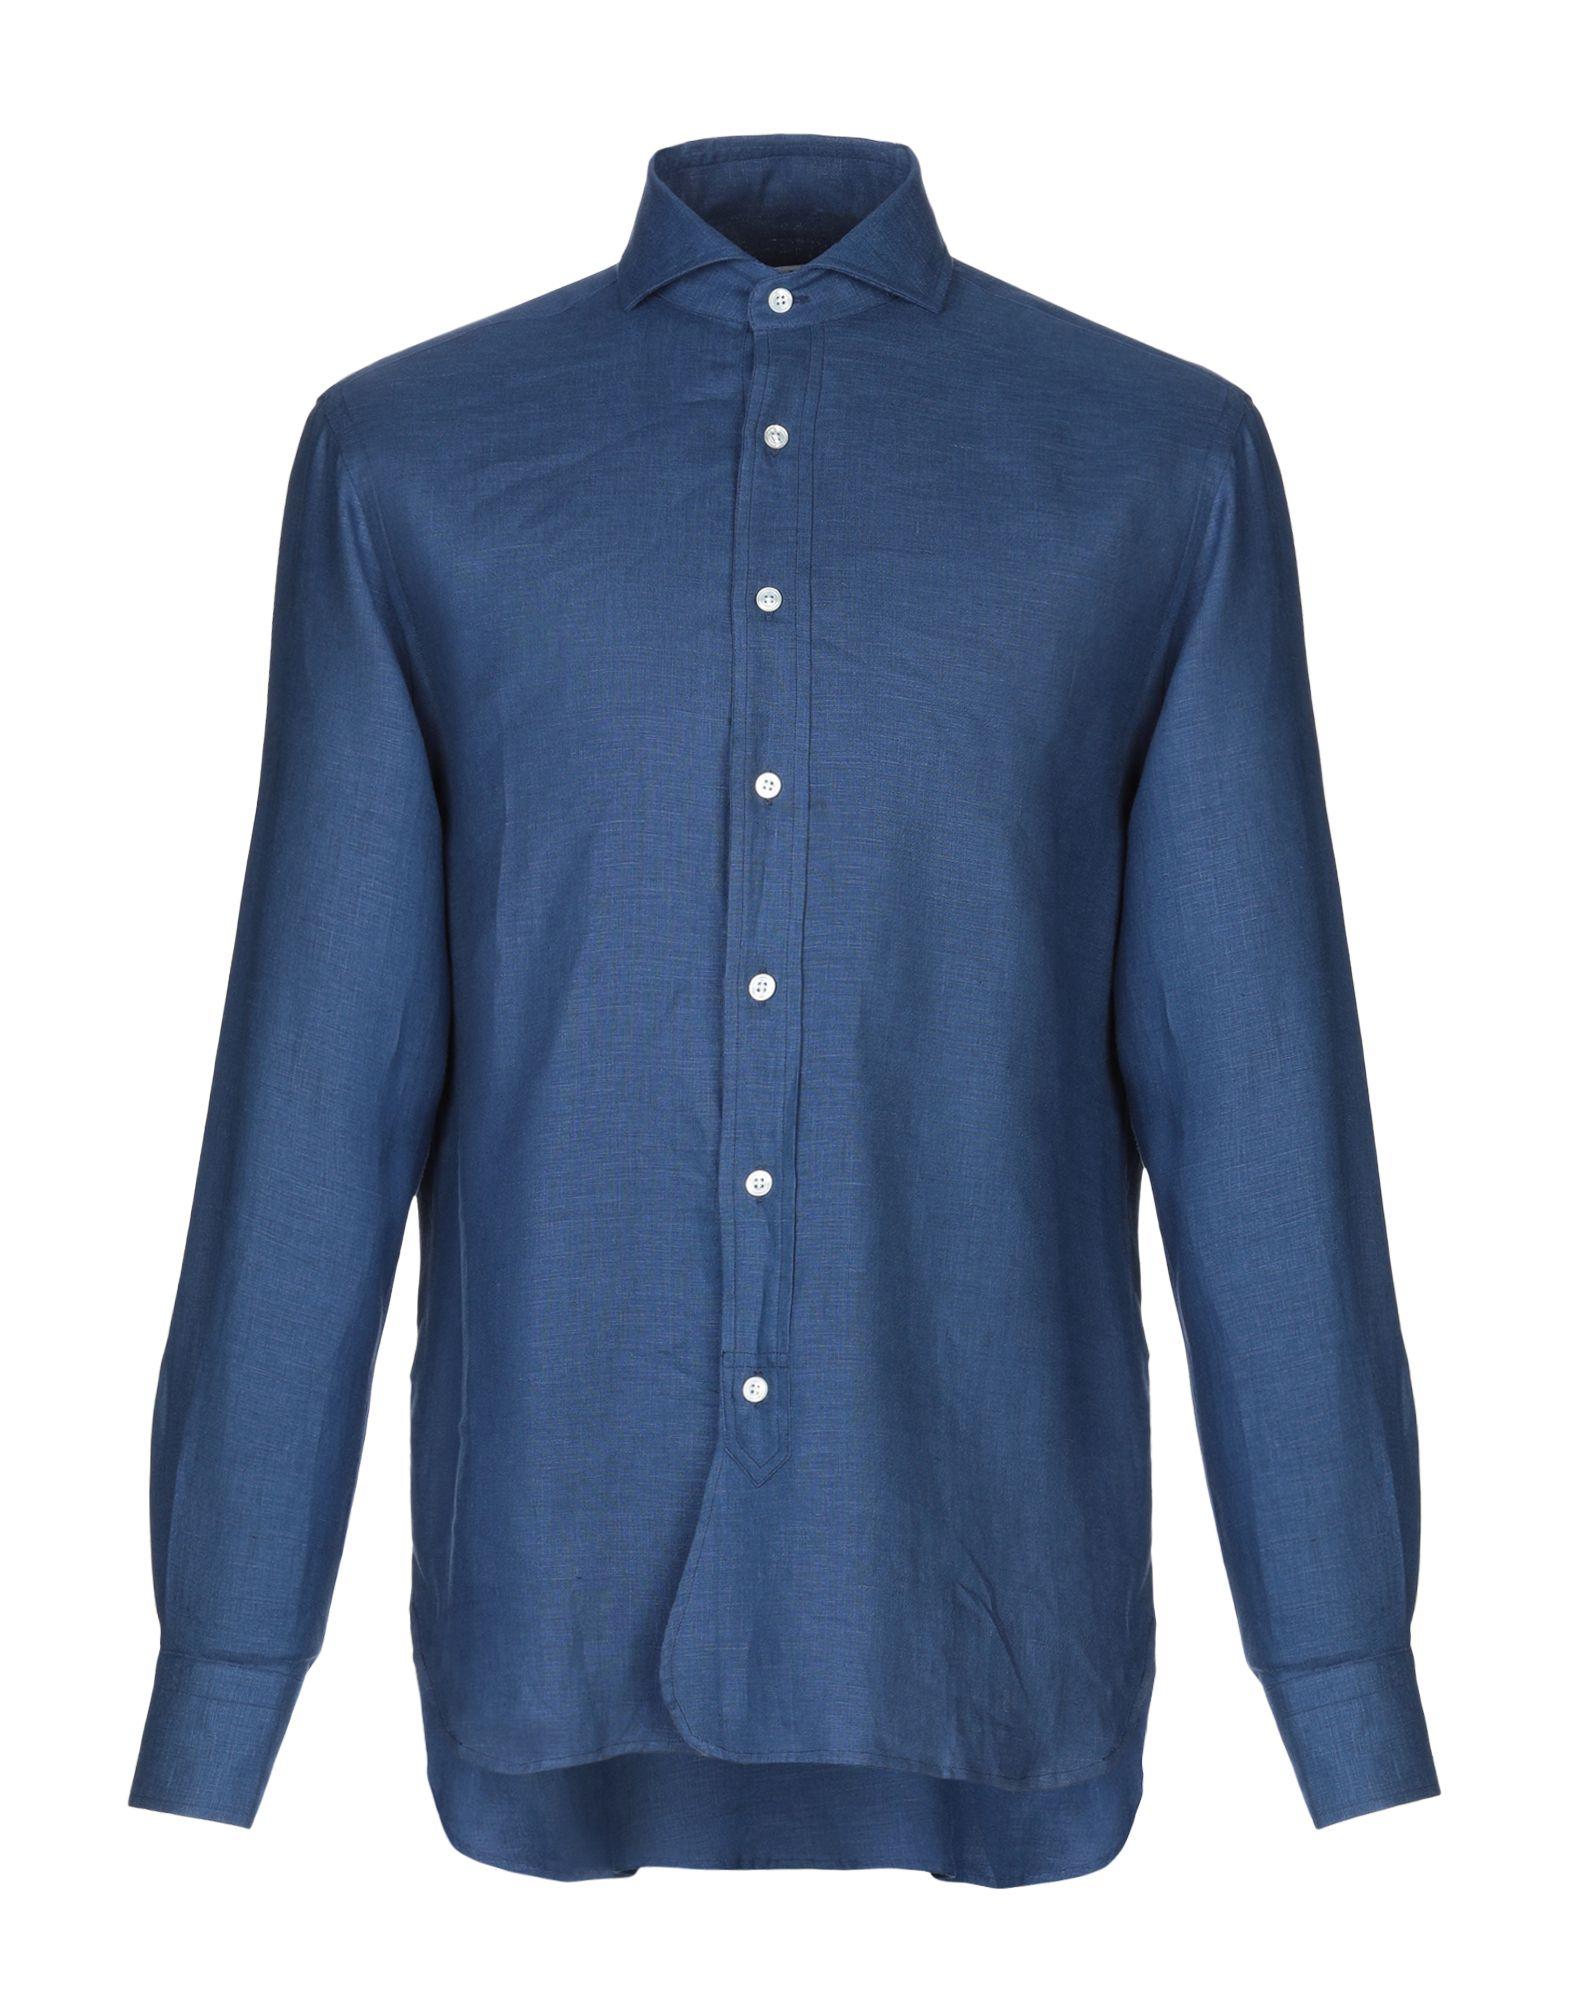 《送料無料》DOPPIAA メンズ シャツ ブルー 40 麻 100%